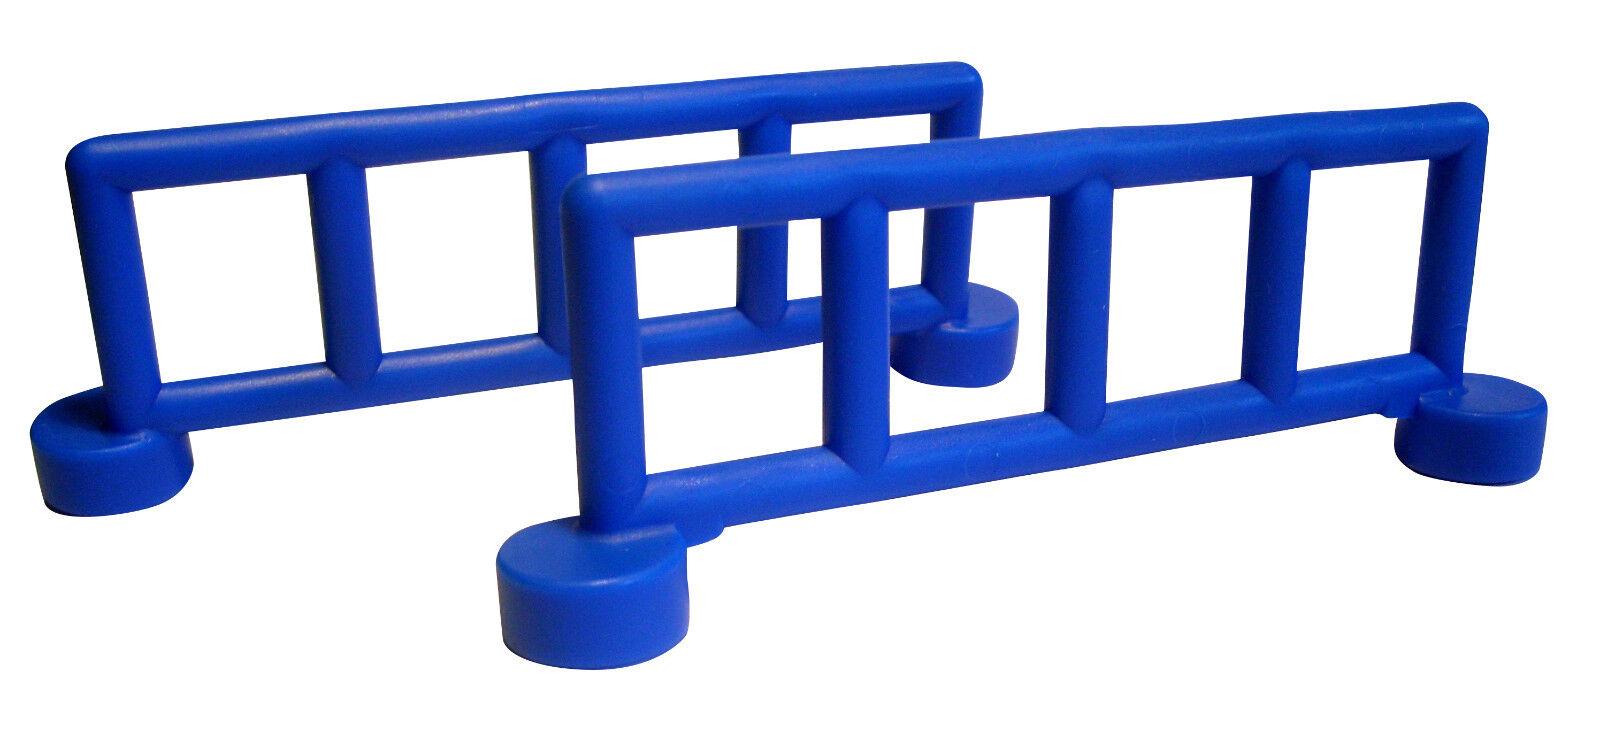 Lego 4 x Zaun Absperrung 4083 blau 1x4x2